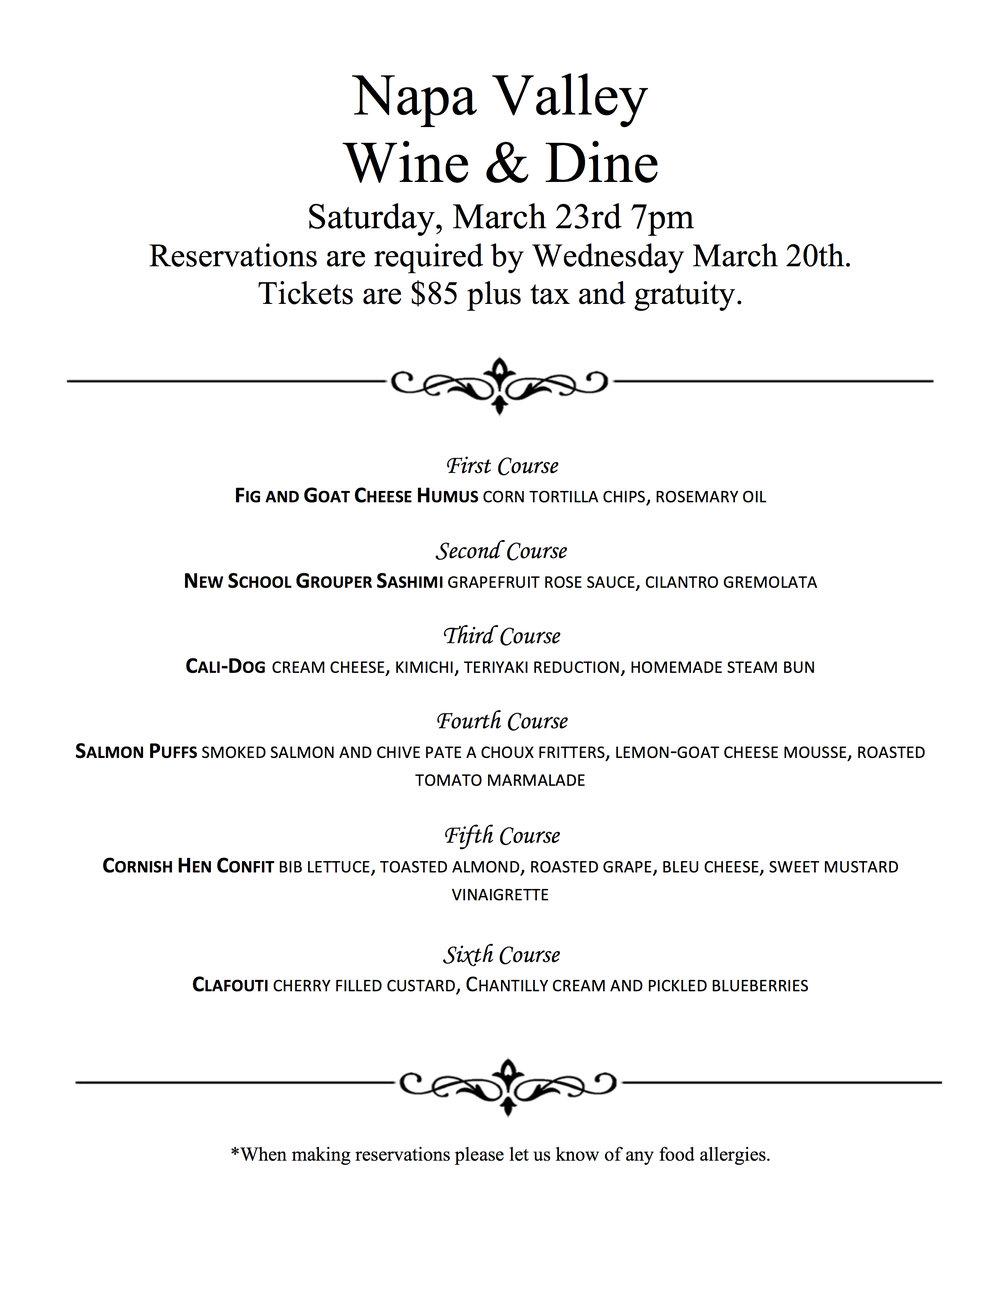 General Francis Marion Hotel Napa Valley Wine & Dine Menu